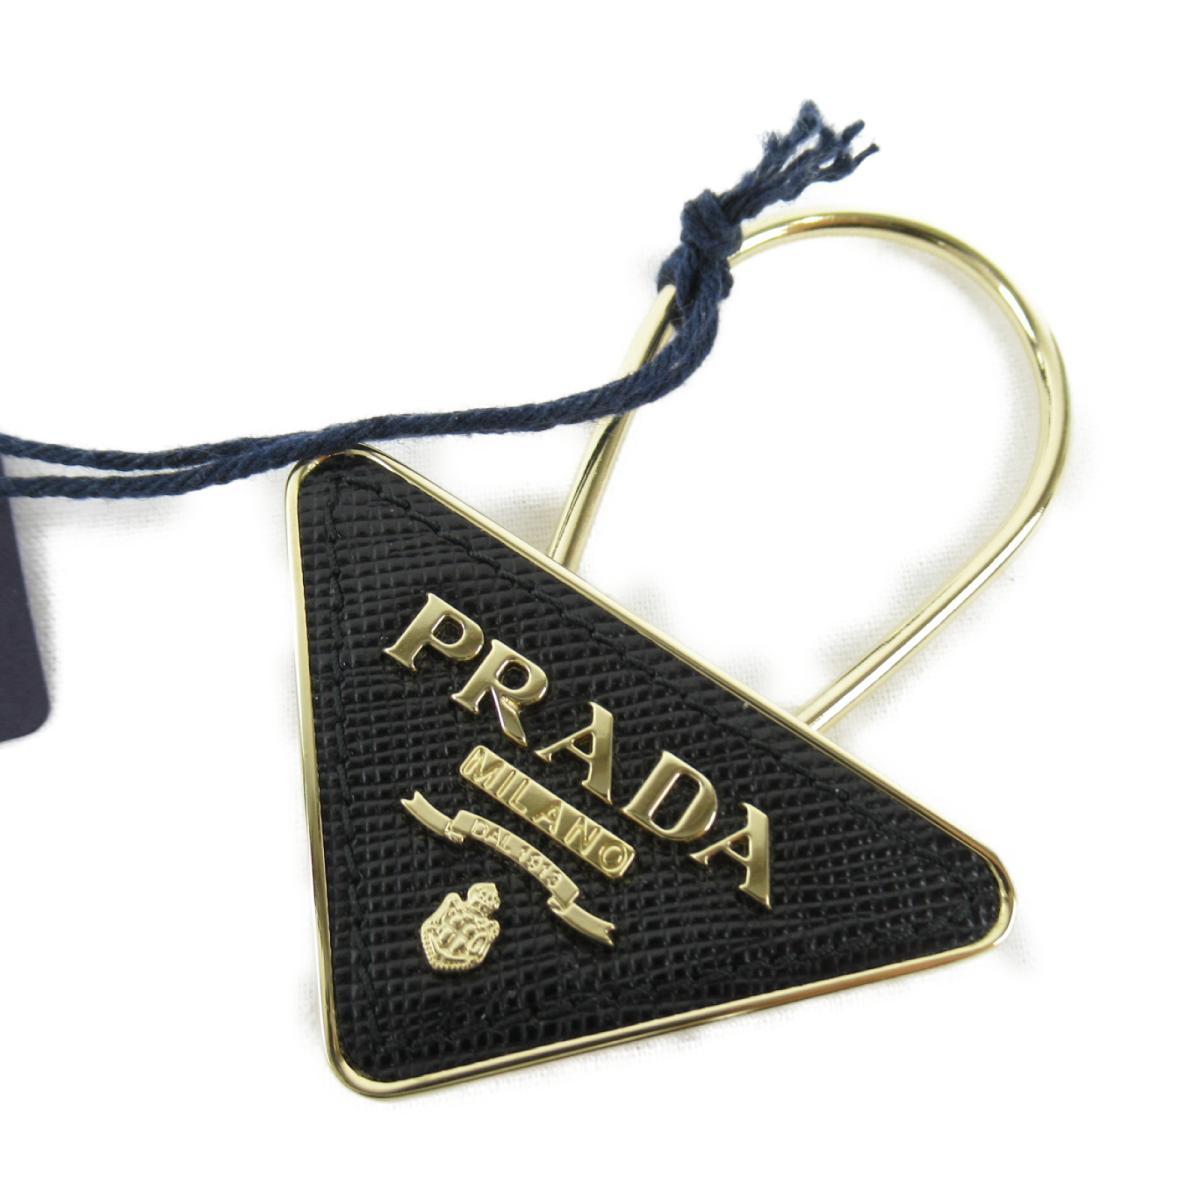 プラダ SLG サフィアーノ キーホルダー メンズ レディース メタル x サフィアーノレザー ブラック (1PP301053F0002)   PRADA BRANDOFF ブランドオフ ブランド ブランド雑貨 小物 雑貨 キーケース